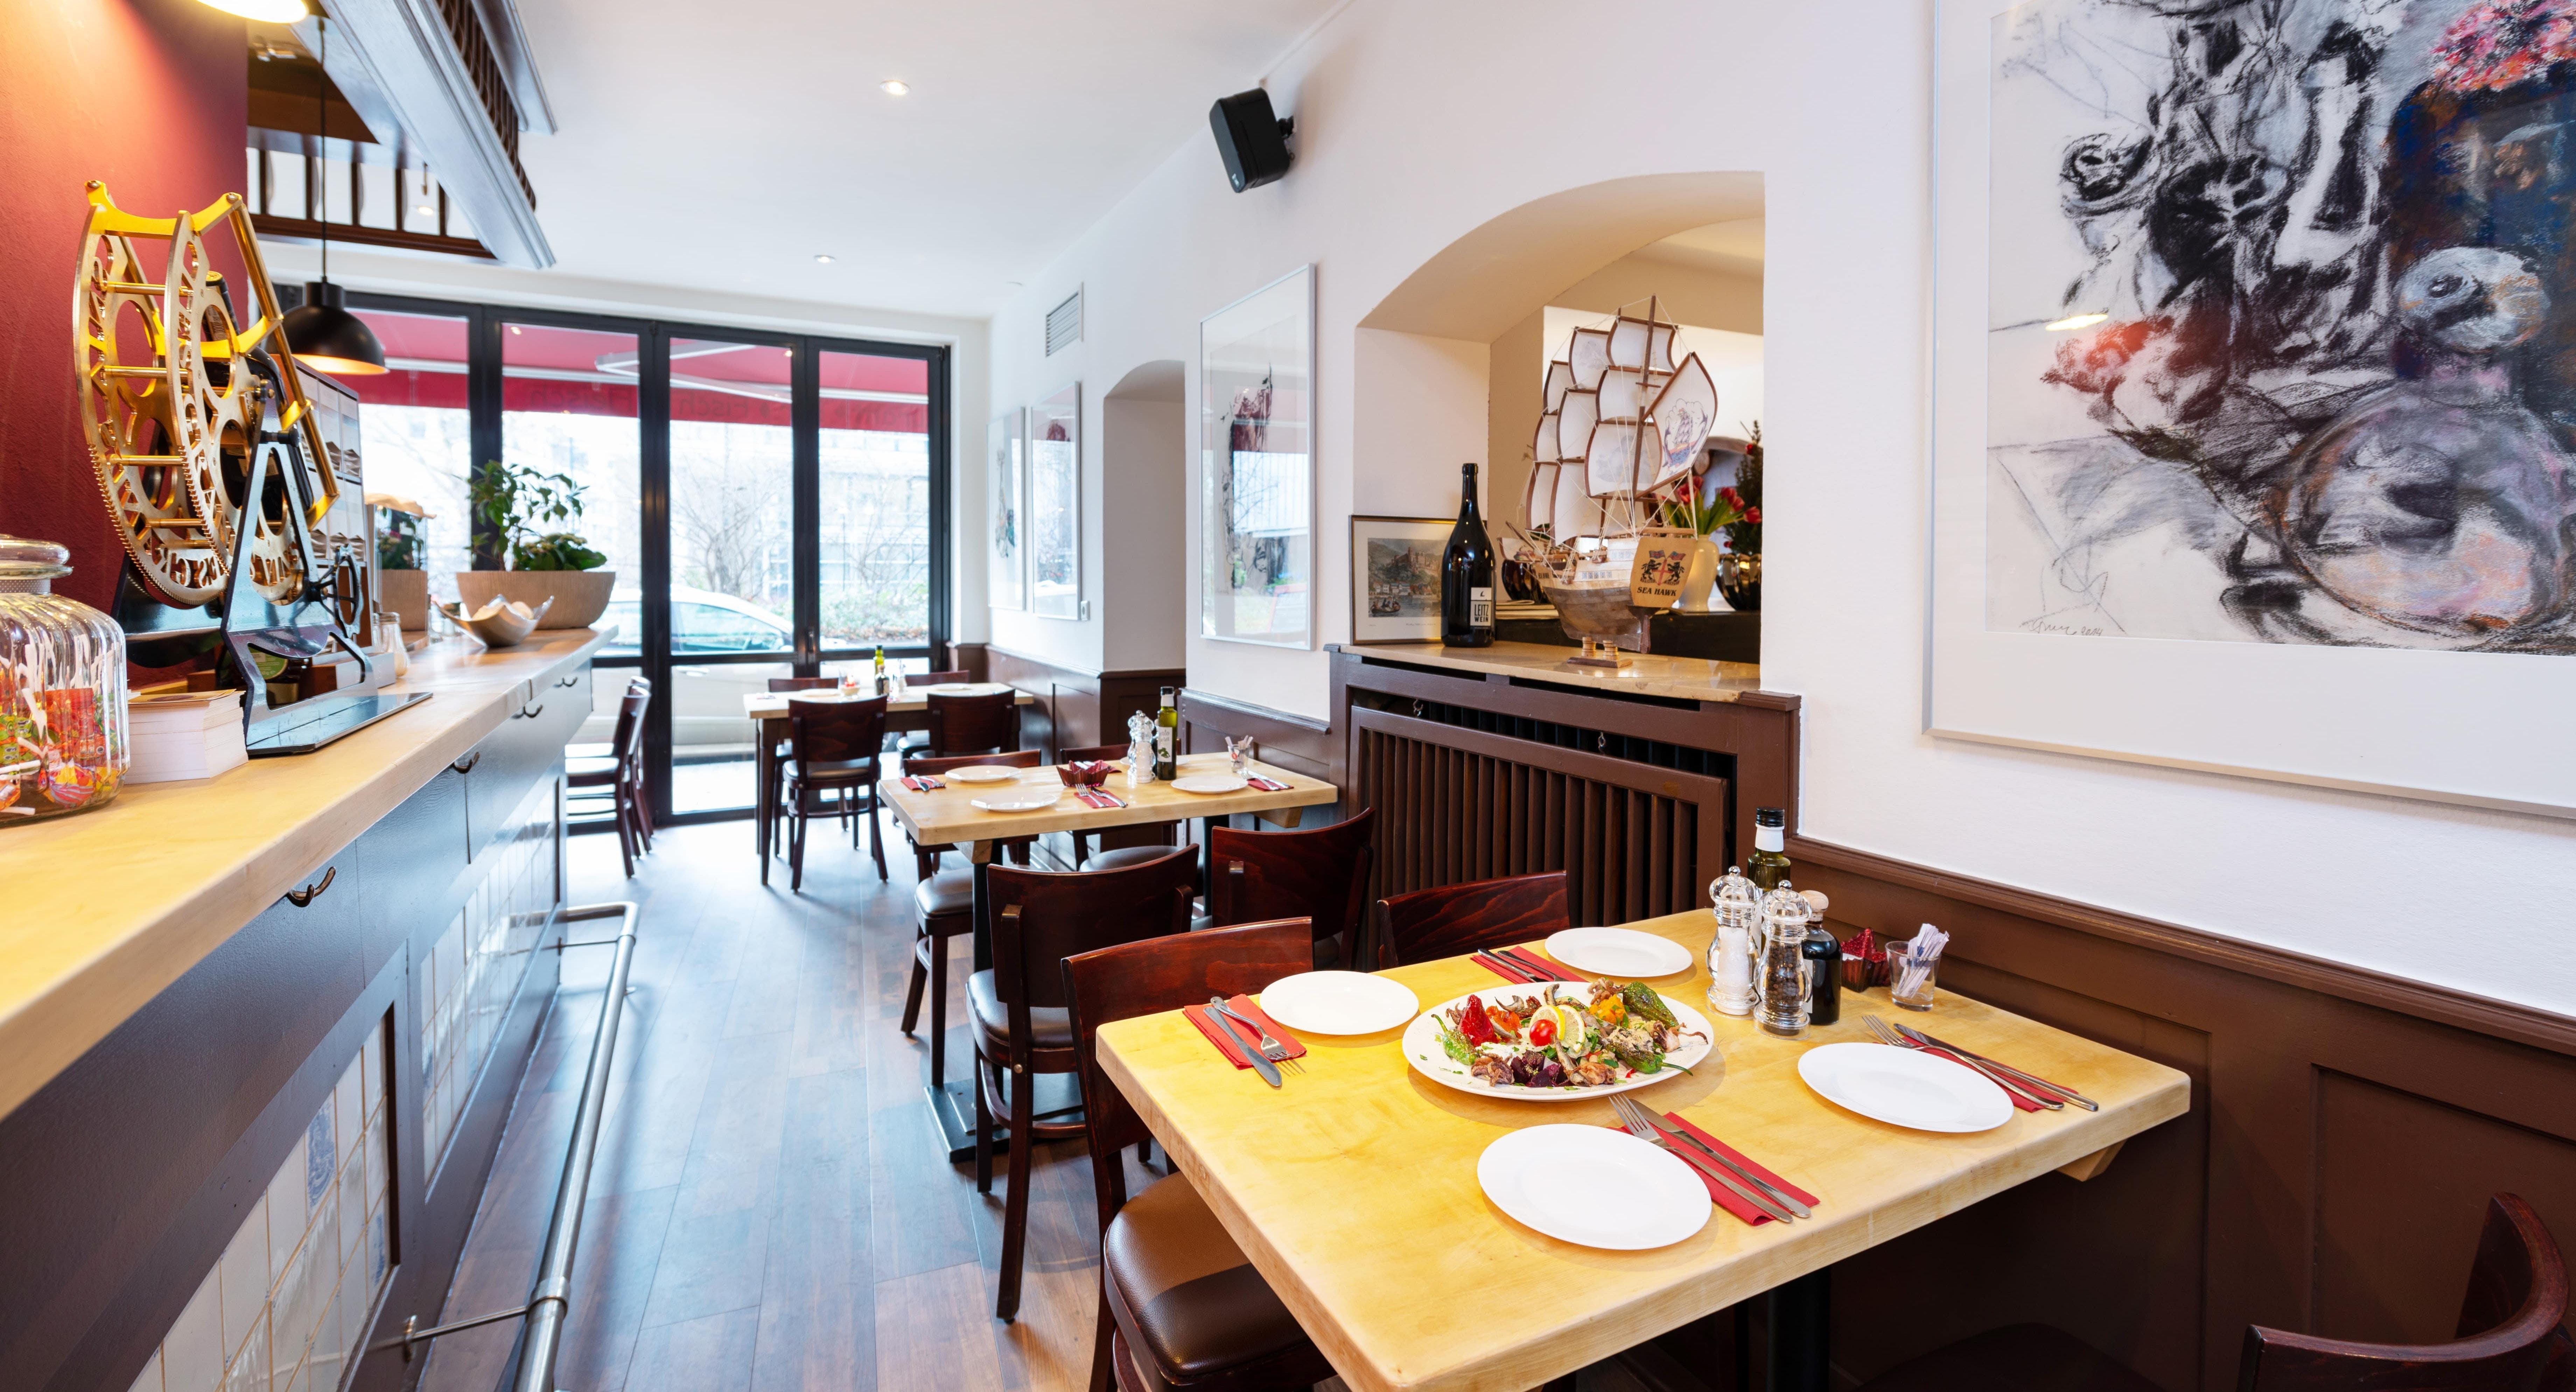 Saban's Cafe & Restaurant Dusseldorf image 3